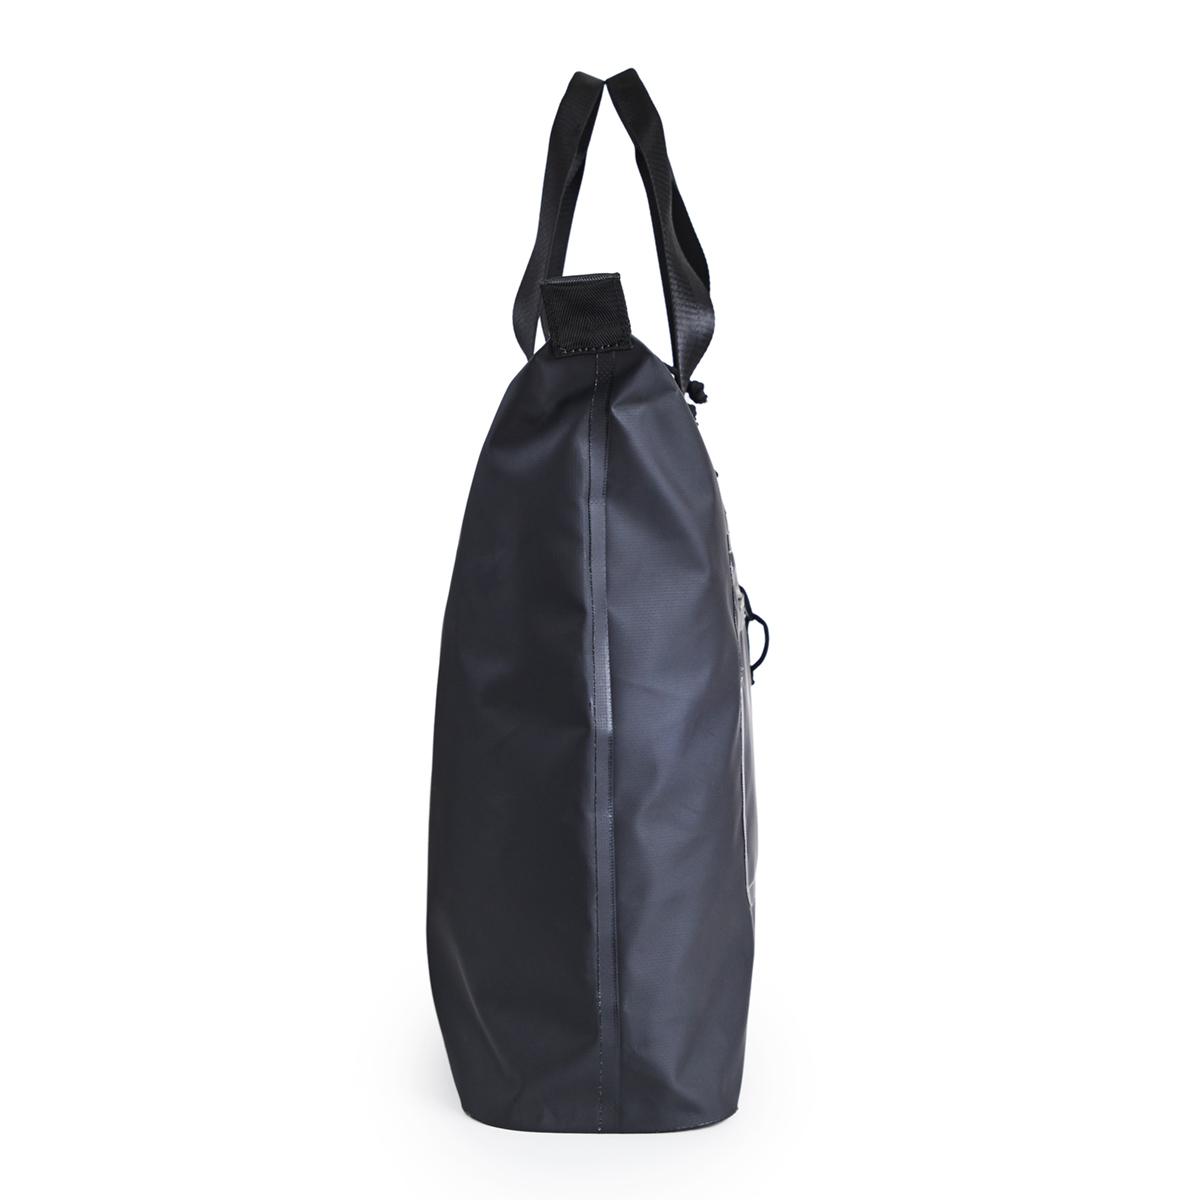 防水性のスタイリッシュなデザインのトートバッグ マチ部分